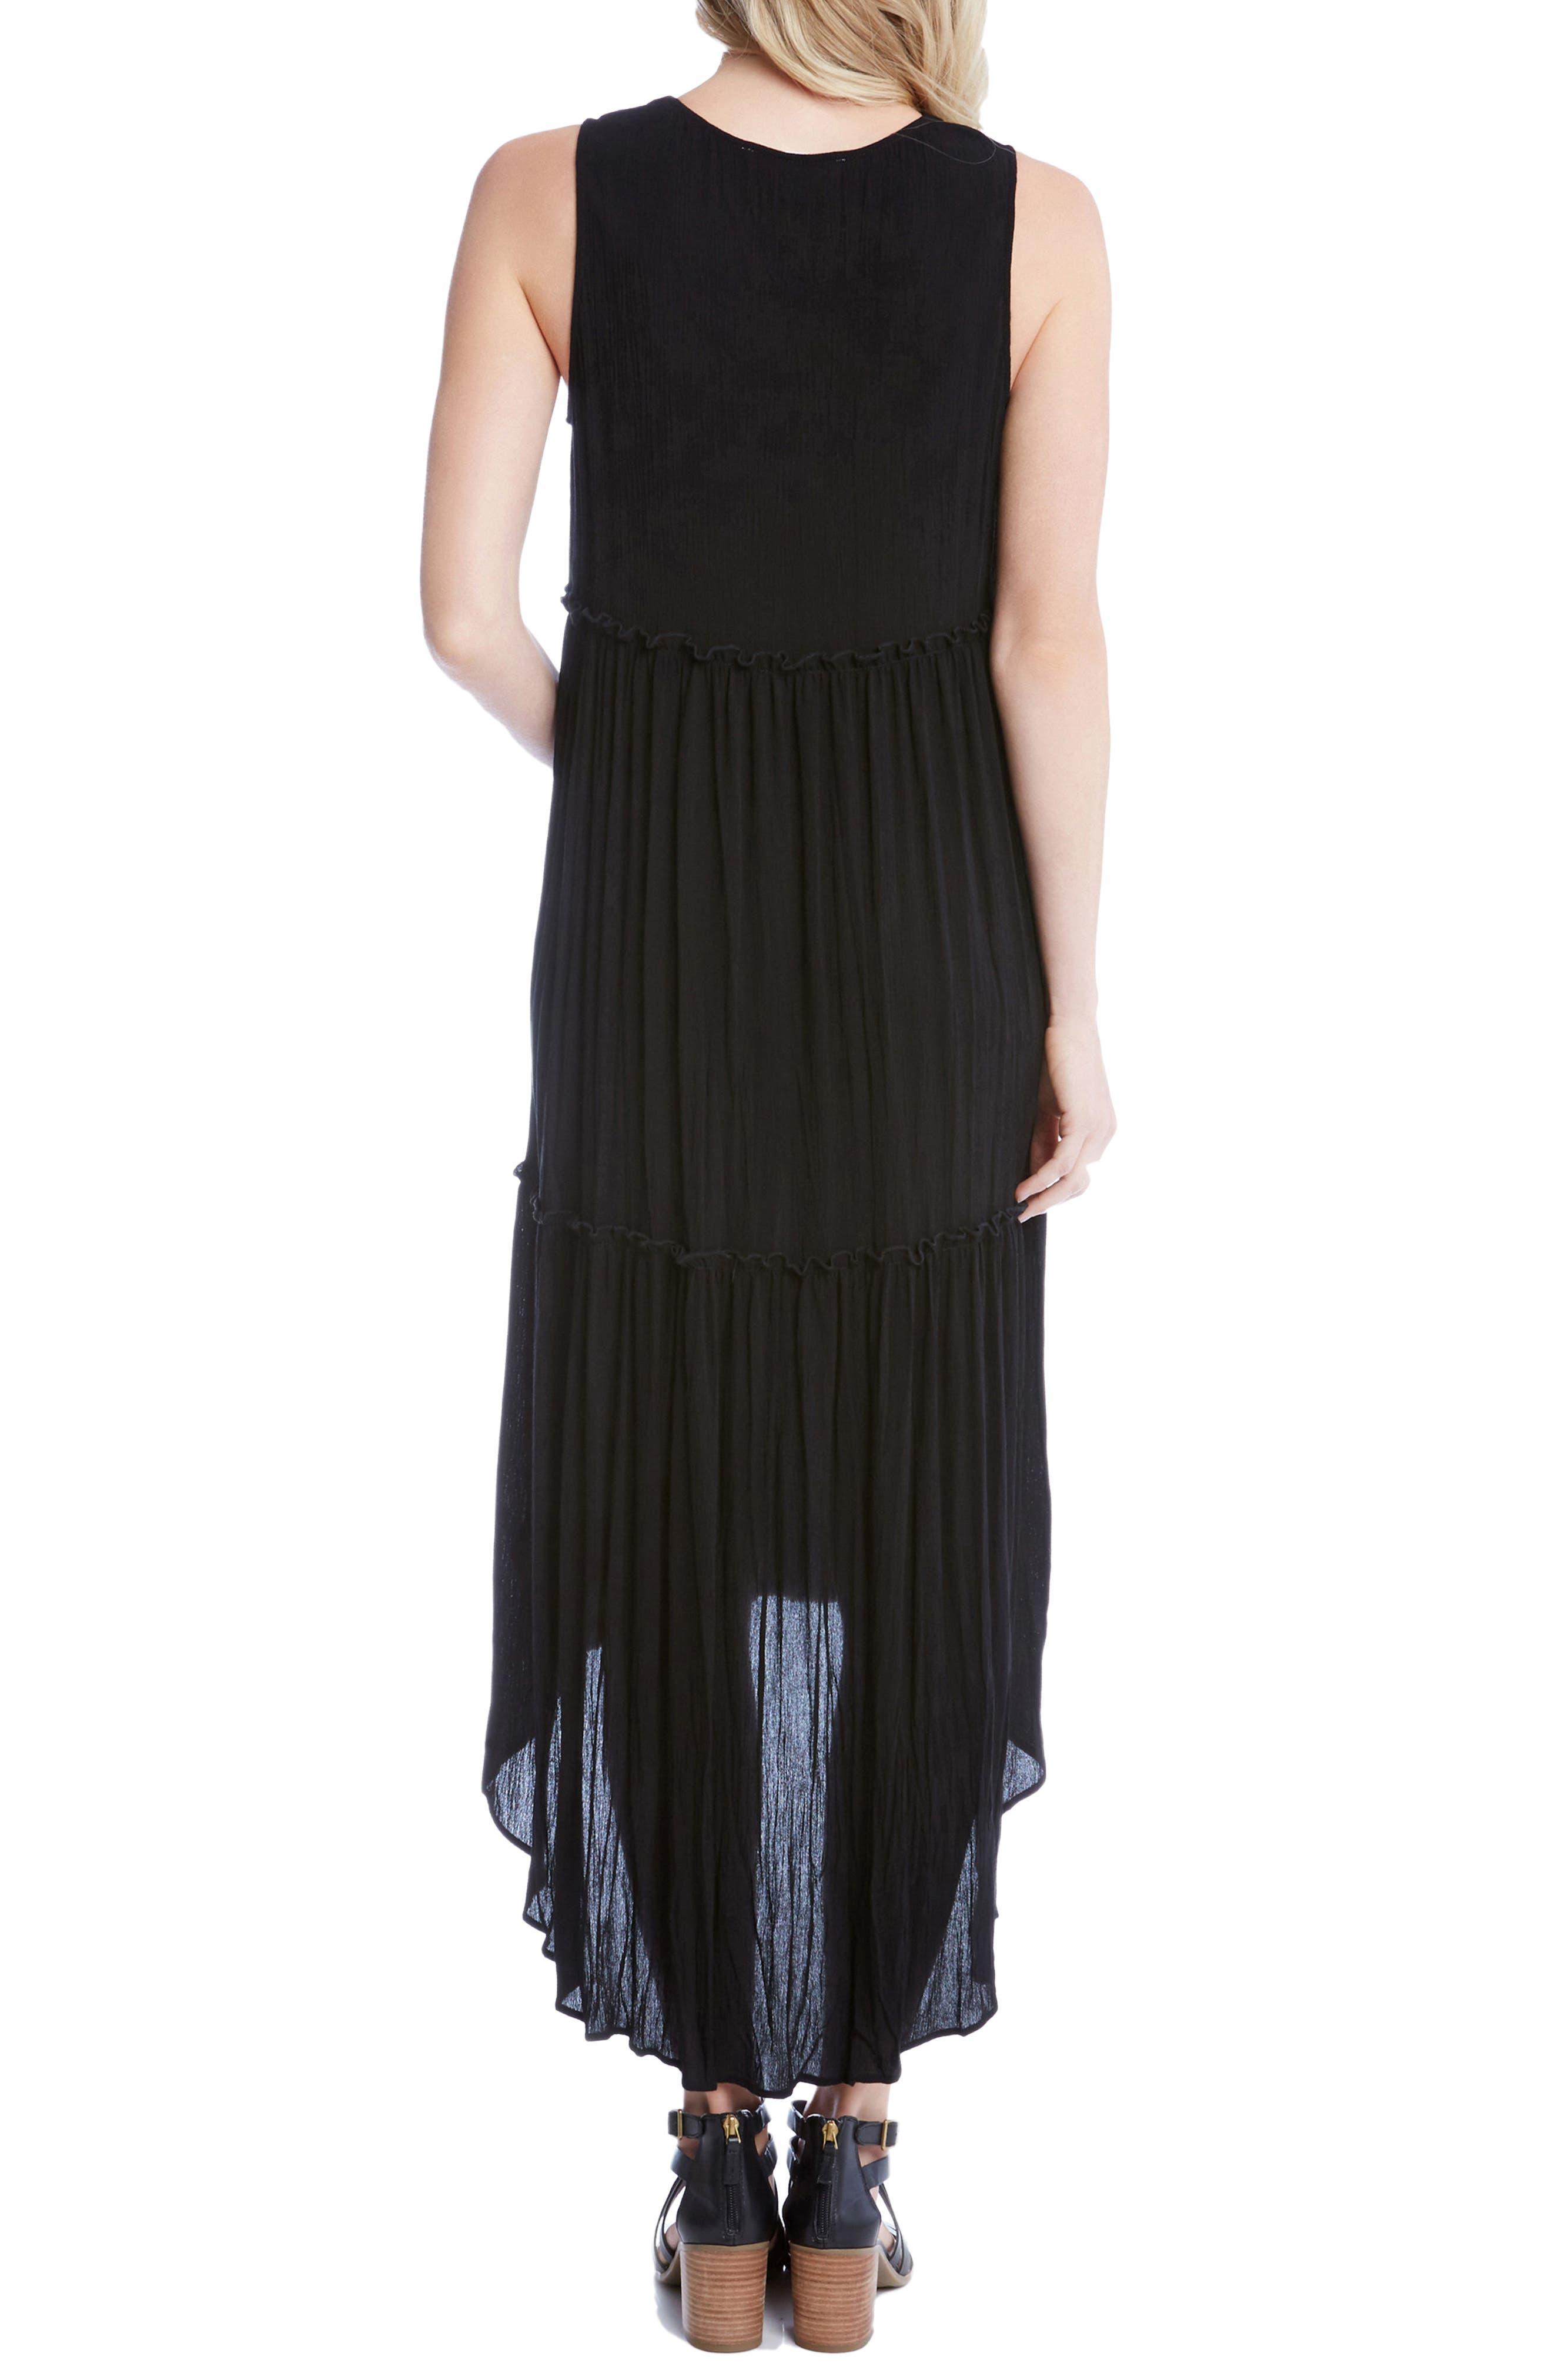 Alternate Image 2  - Karen Kane Lace-Up Tiered High/Low Dress